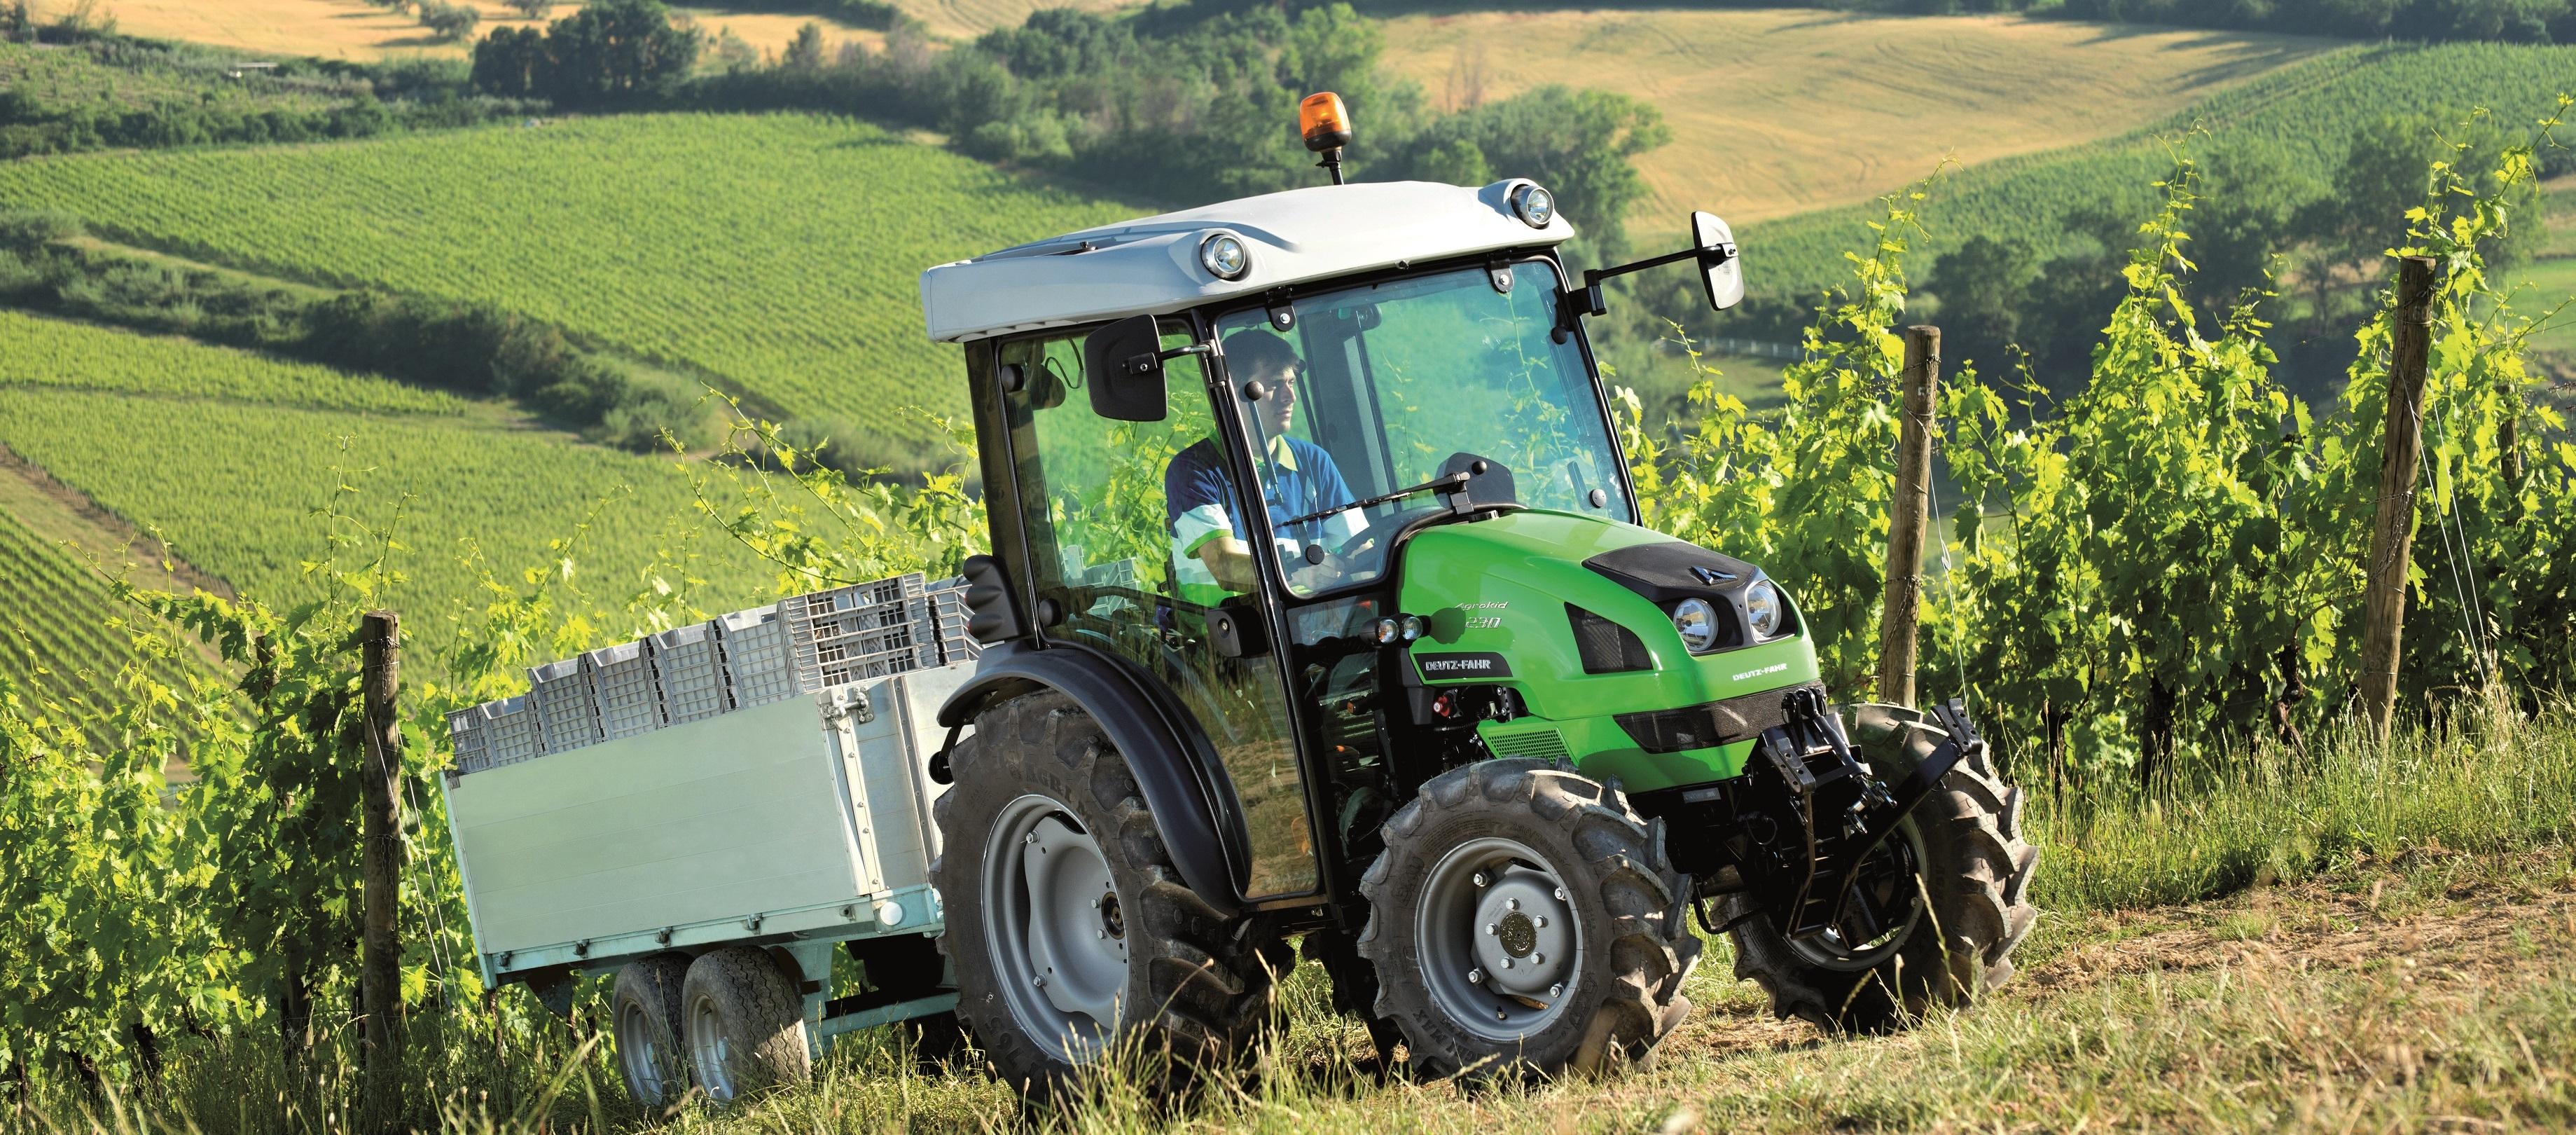 Купить мини трактор в Украине